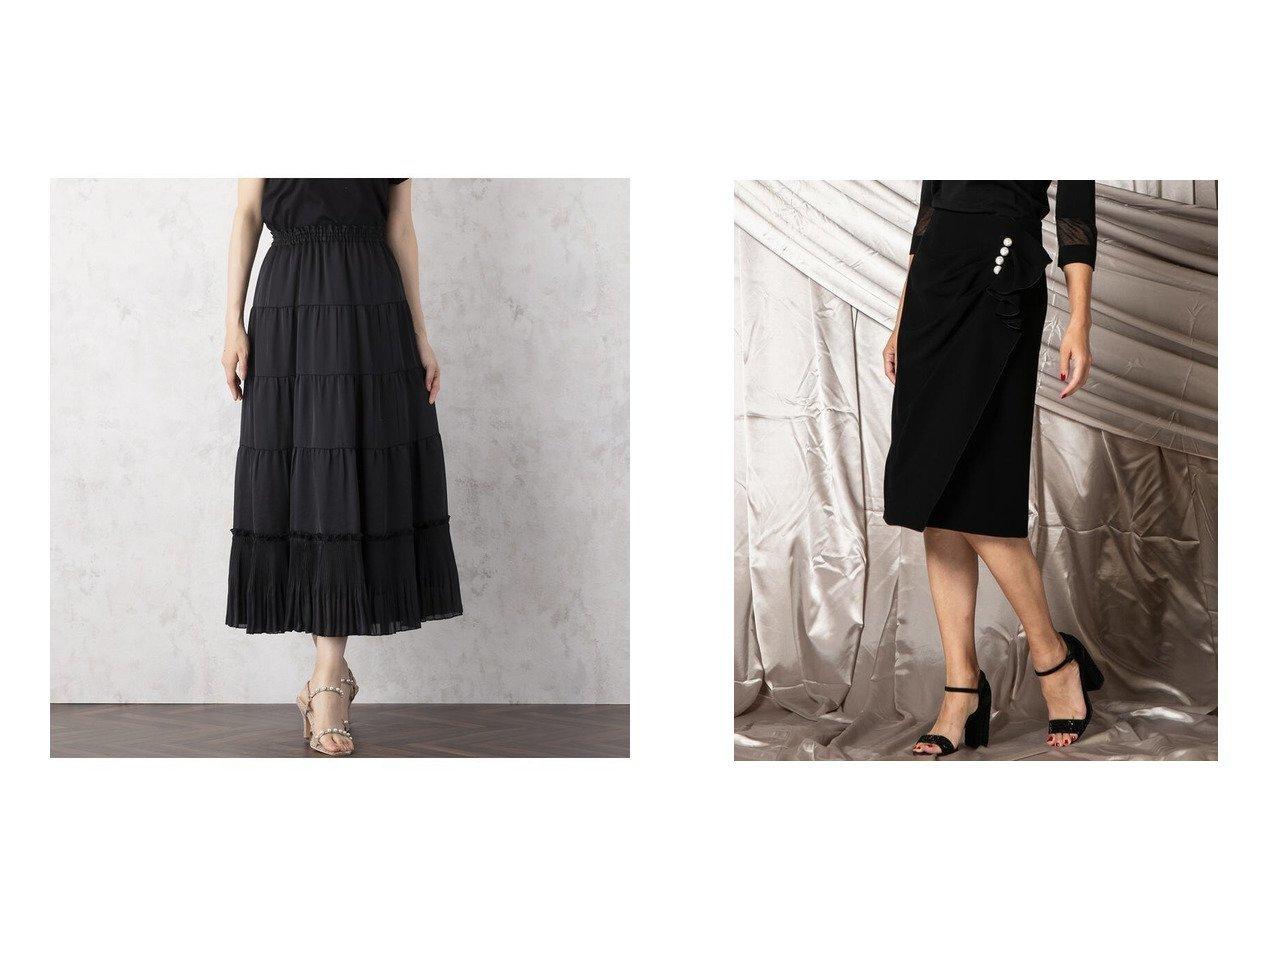 【LUSSOVIAGGIOBLU/ルッソビアッジョブルー】のパールギャザータイトスカート&【Rose Tiara/ローズティアラ】のプリーツ切替ティアードスカート スカートのおすすめ!人気、レディースファッションの通販 おすすめで人気のファッション通販商品 インテリア・家具・キッズファッション・メンズファッション・レディースファッション・服の通販 founy(ファニー) https://founy.com/ ファッション Fashion レディース WOMEN スカート Skirt ティアードスカート Tiered Skirts カットソー カーディガン ギャザー 切替 シルク ティアード ティアードスカート パターン フェミニン フリル プリント プリーツ ロング タイトスカート パール ラップ |ID:crp329100000004884